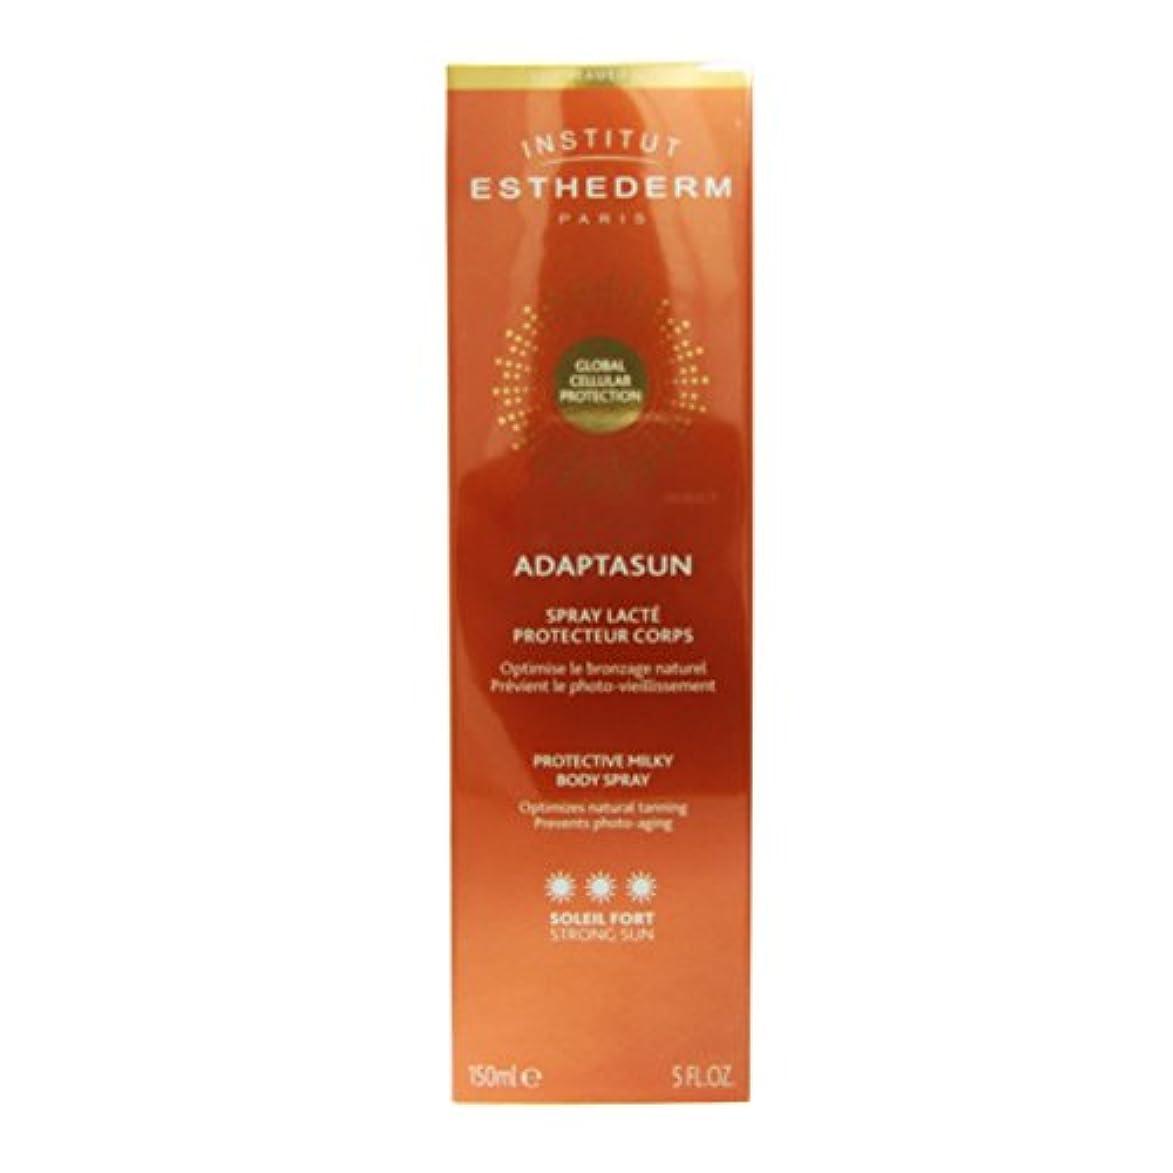 シビック食料品店雄大なInstitut Esthederm Adaptasun Protective Milky Body Spray Strong Sun 150ml [並行輸入品]